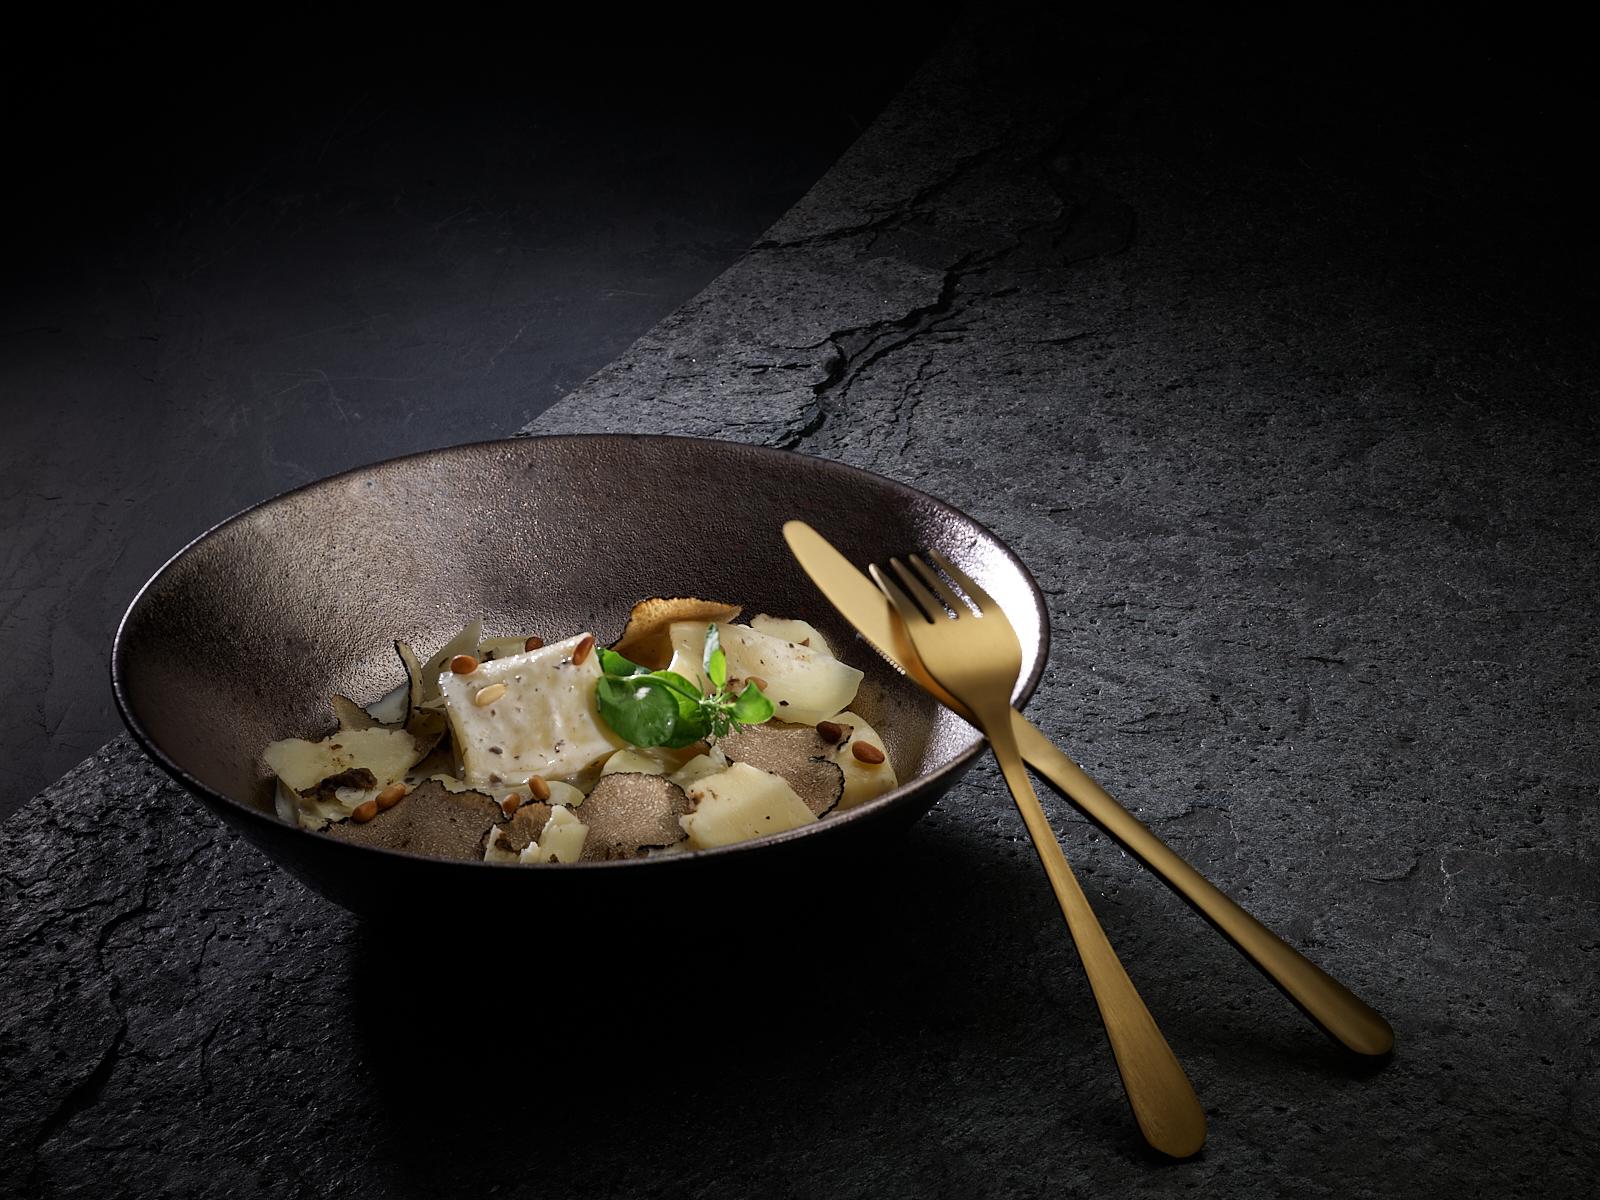 Mezzi Pacheri Truffe d'été, photo culinaire shooting au studio de philippe hahn photographe culinaire